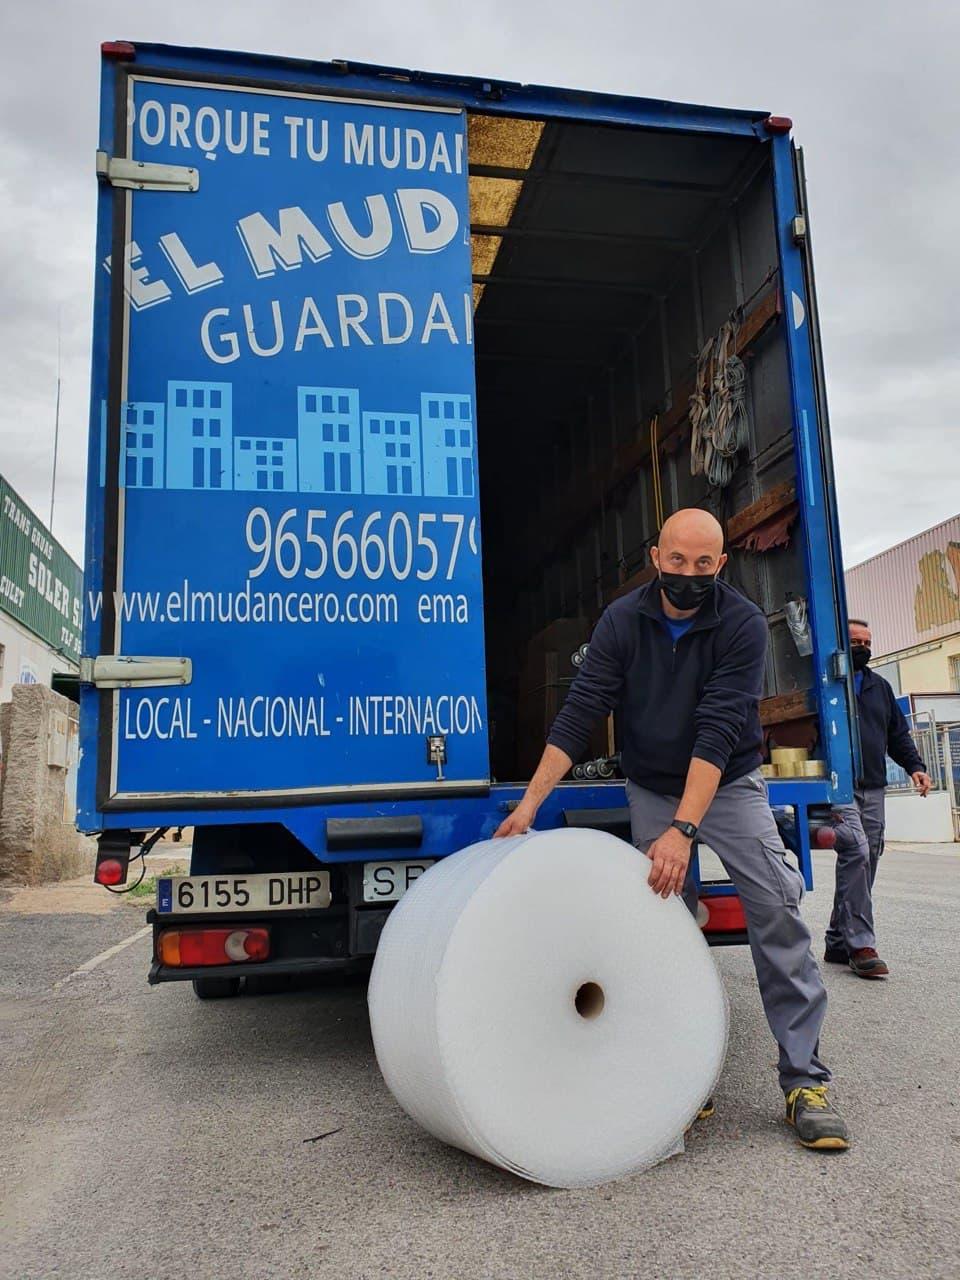 Mudanzas en Alicante el mudancero